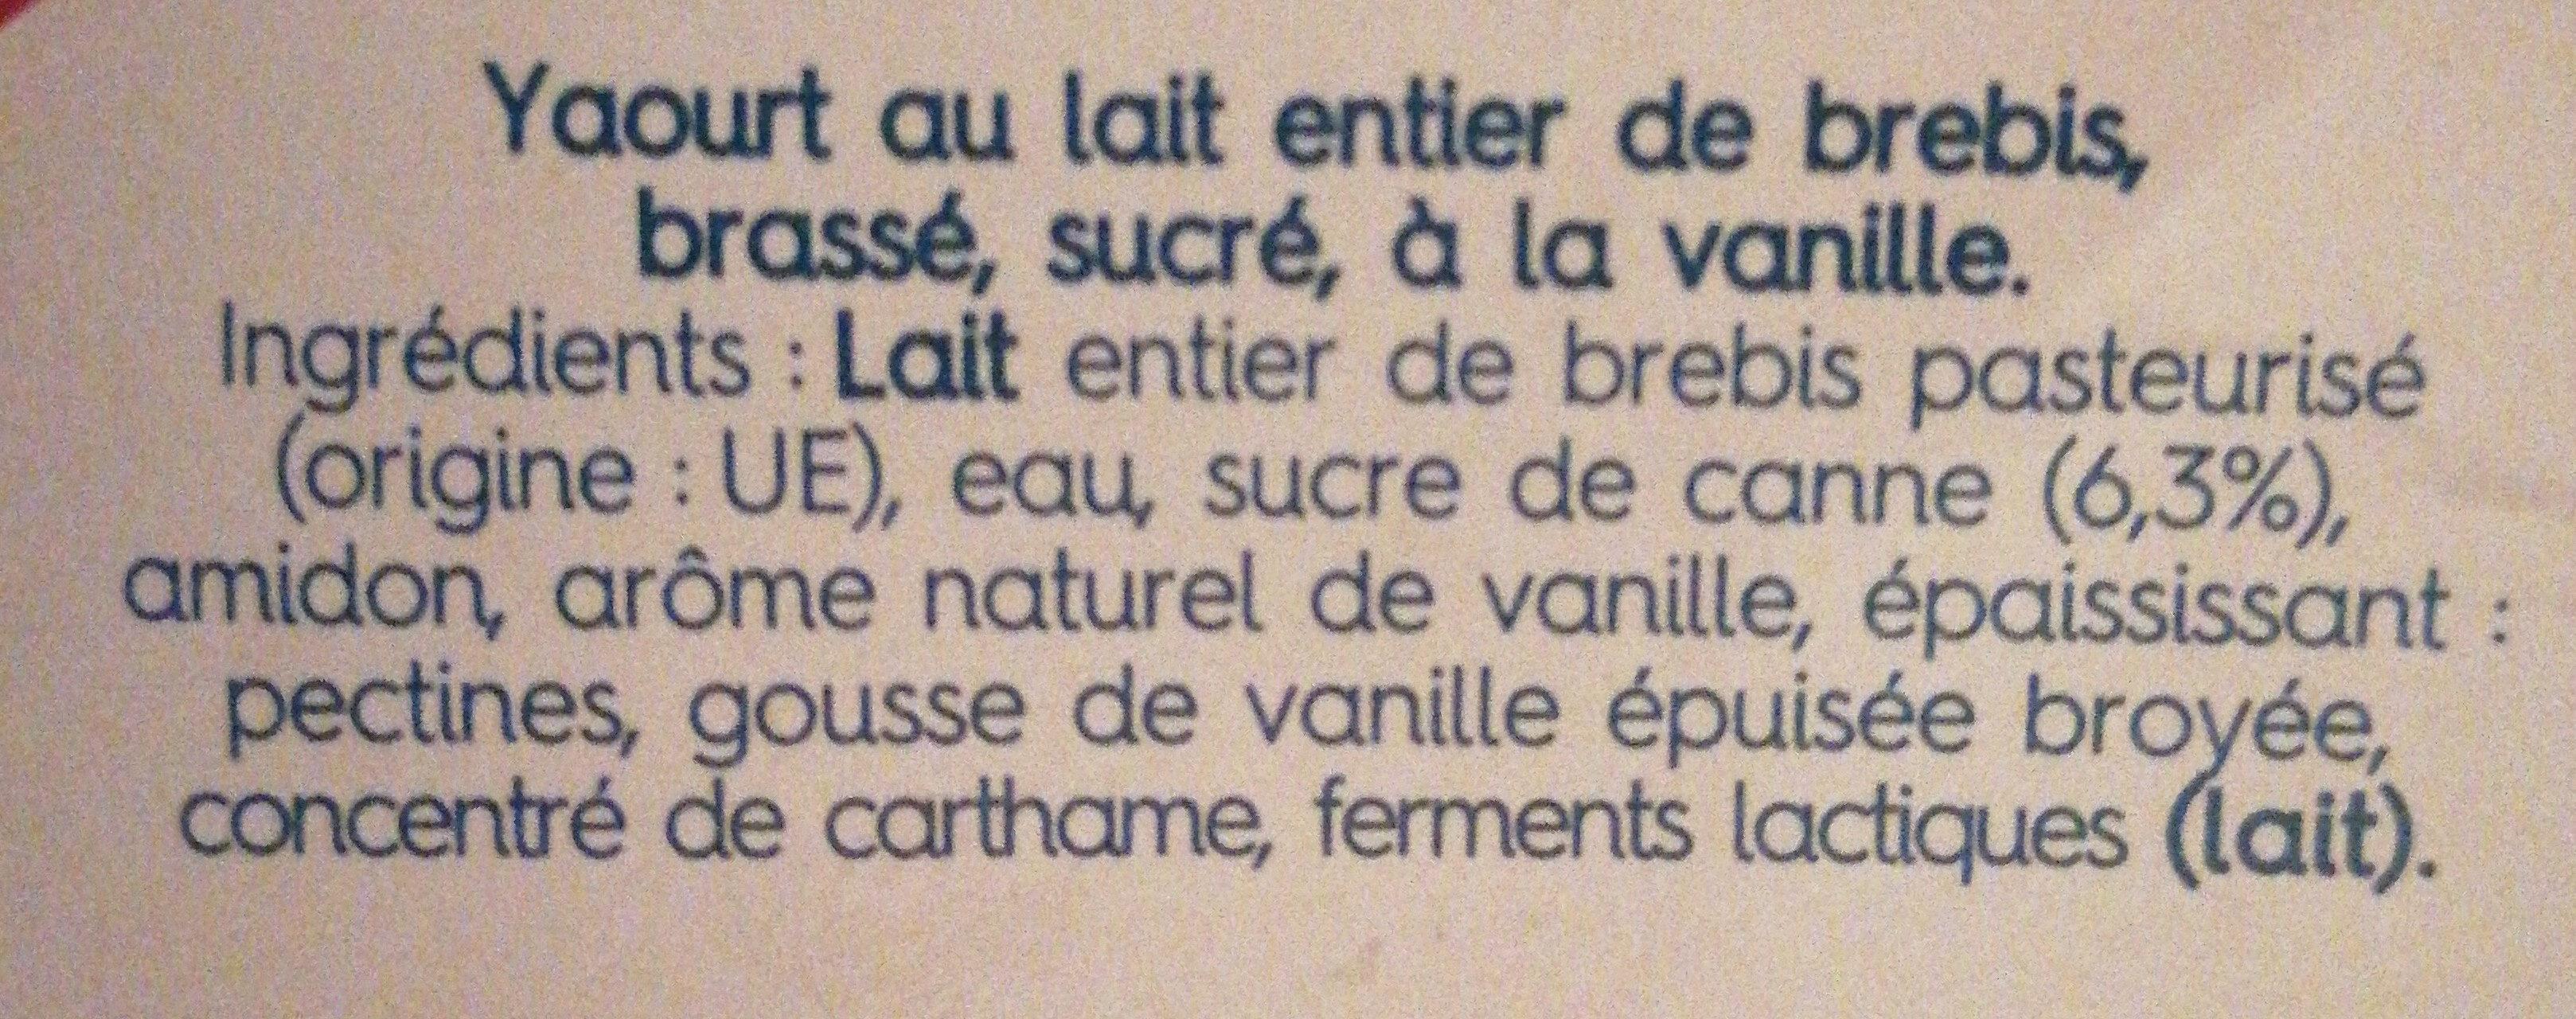 brasse au lait de brebis - Ingredients - fr